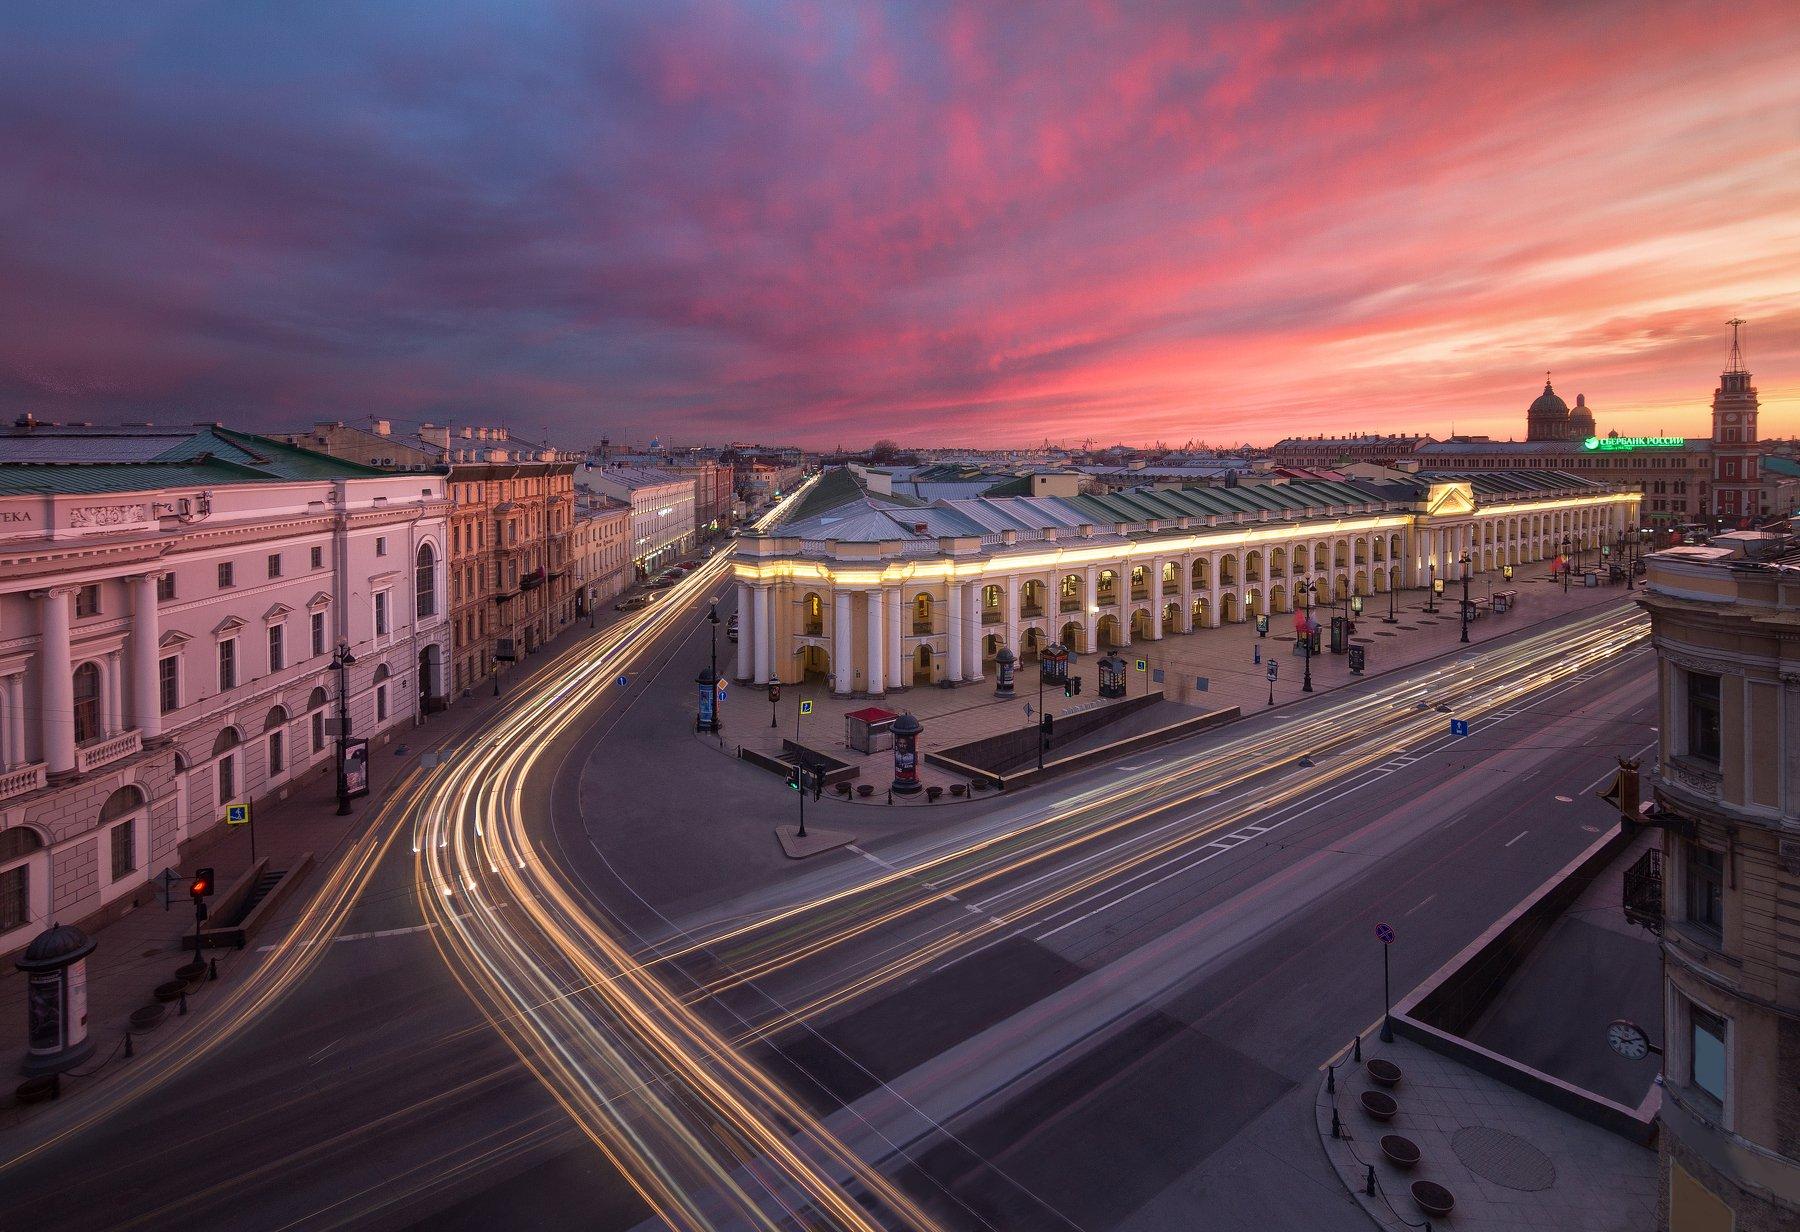 Санкт-Петербург, город, пейзаж, крыша, закат, выдержка, Urban Exploration, Голубев Алексей